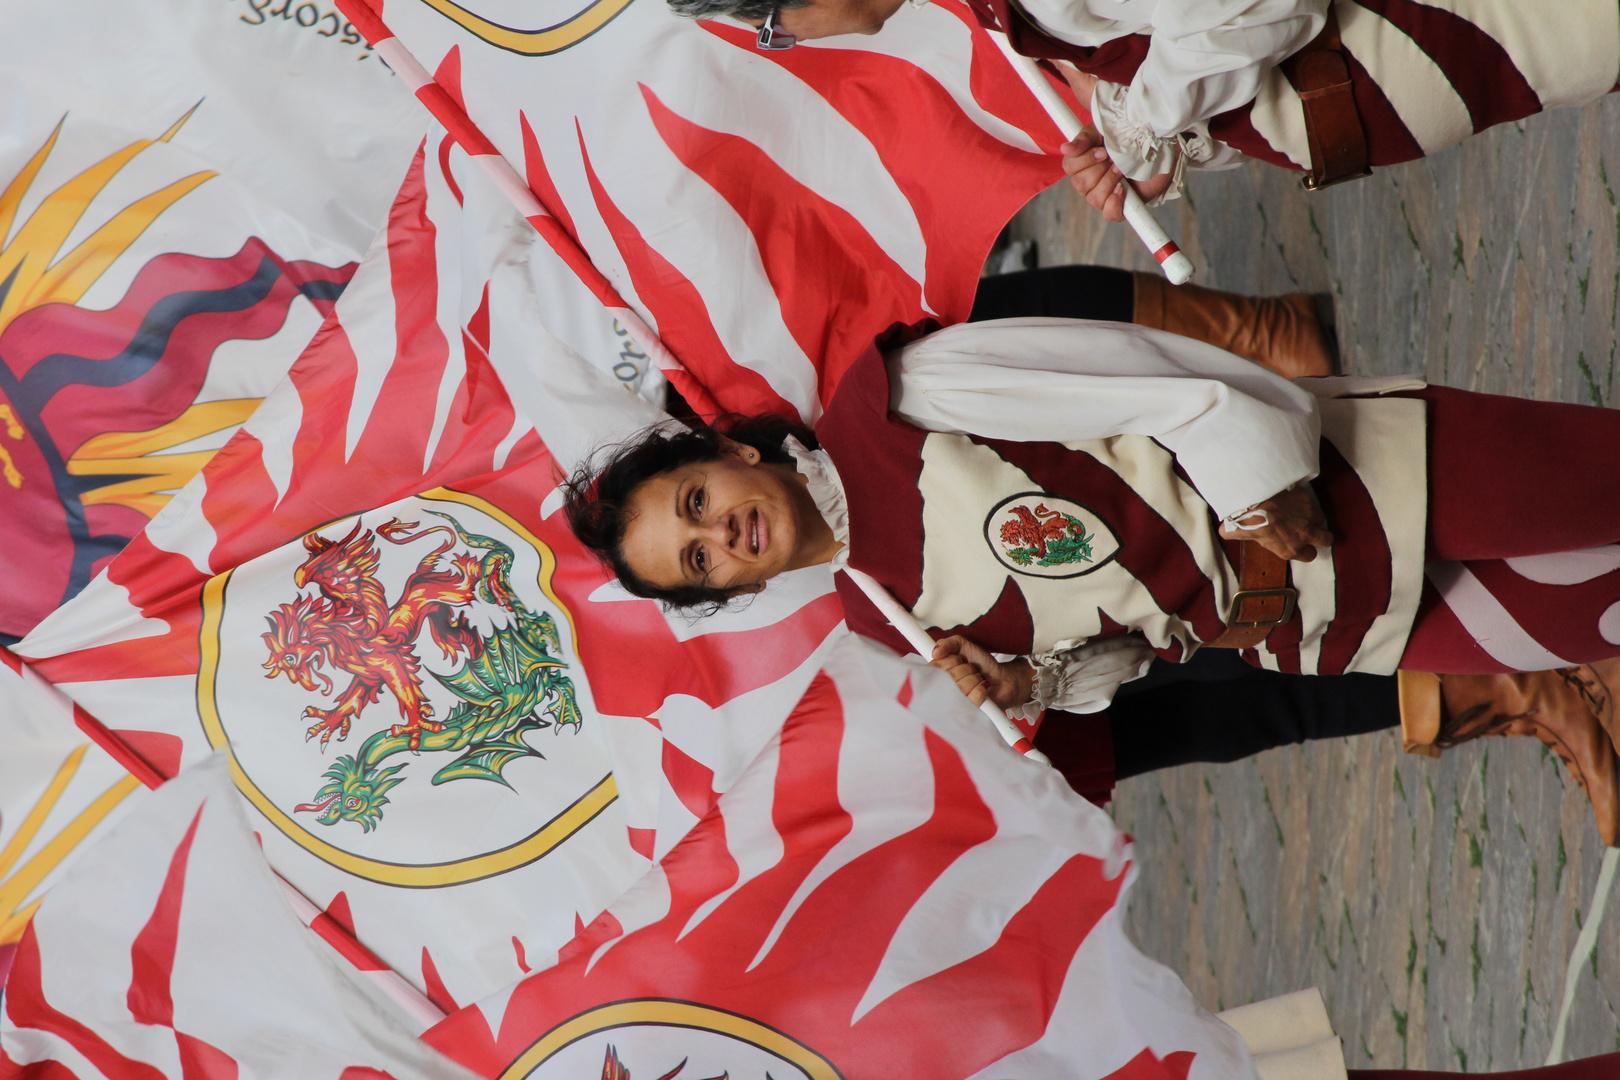 la festa di bandiere